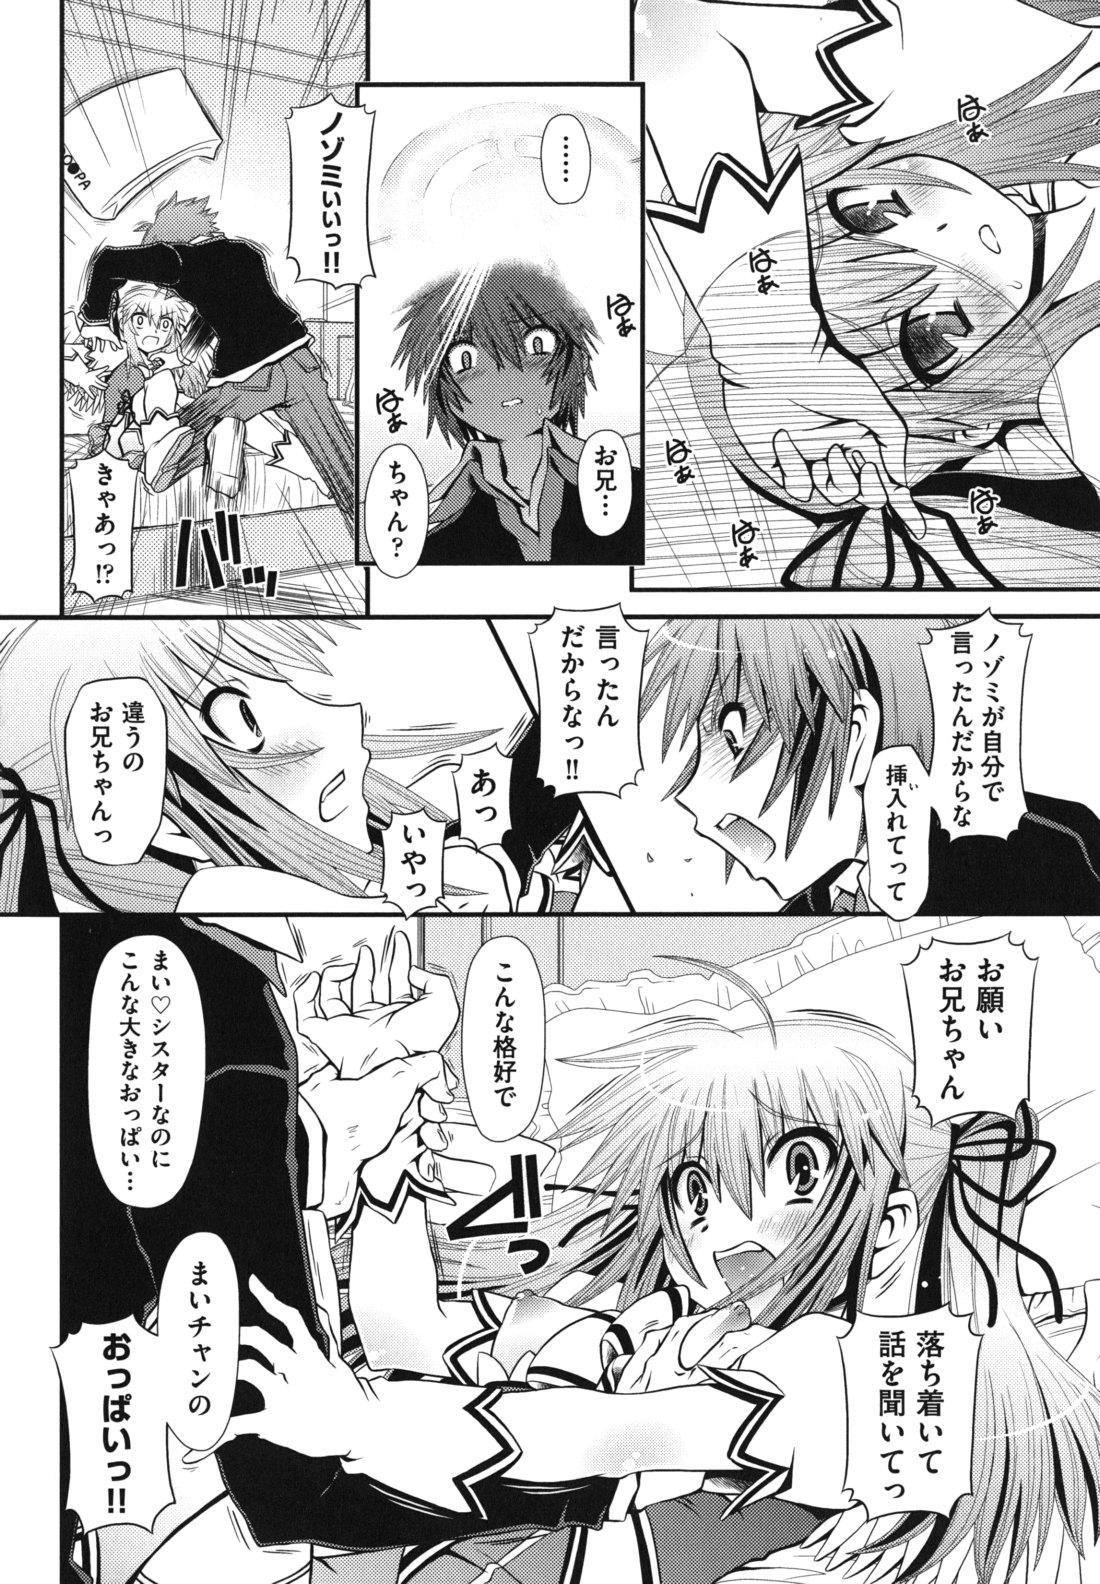 Twintail de Kneesocks no Onnanoko tachi ga Kyakkya de Ufufu♥ 36